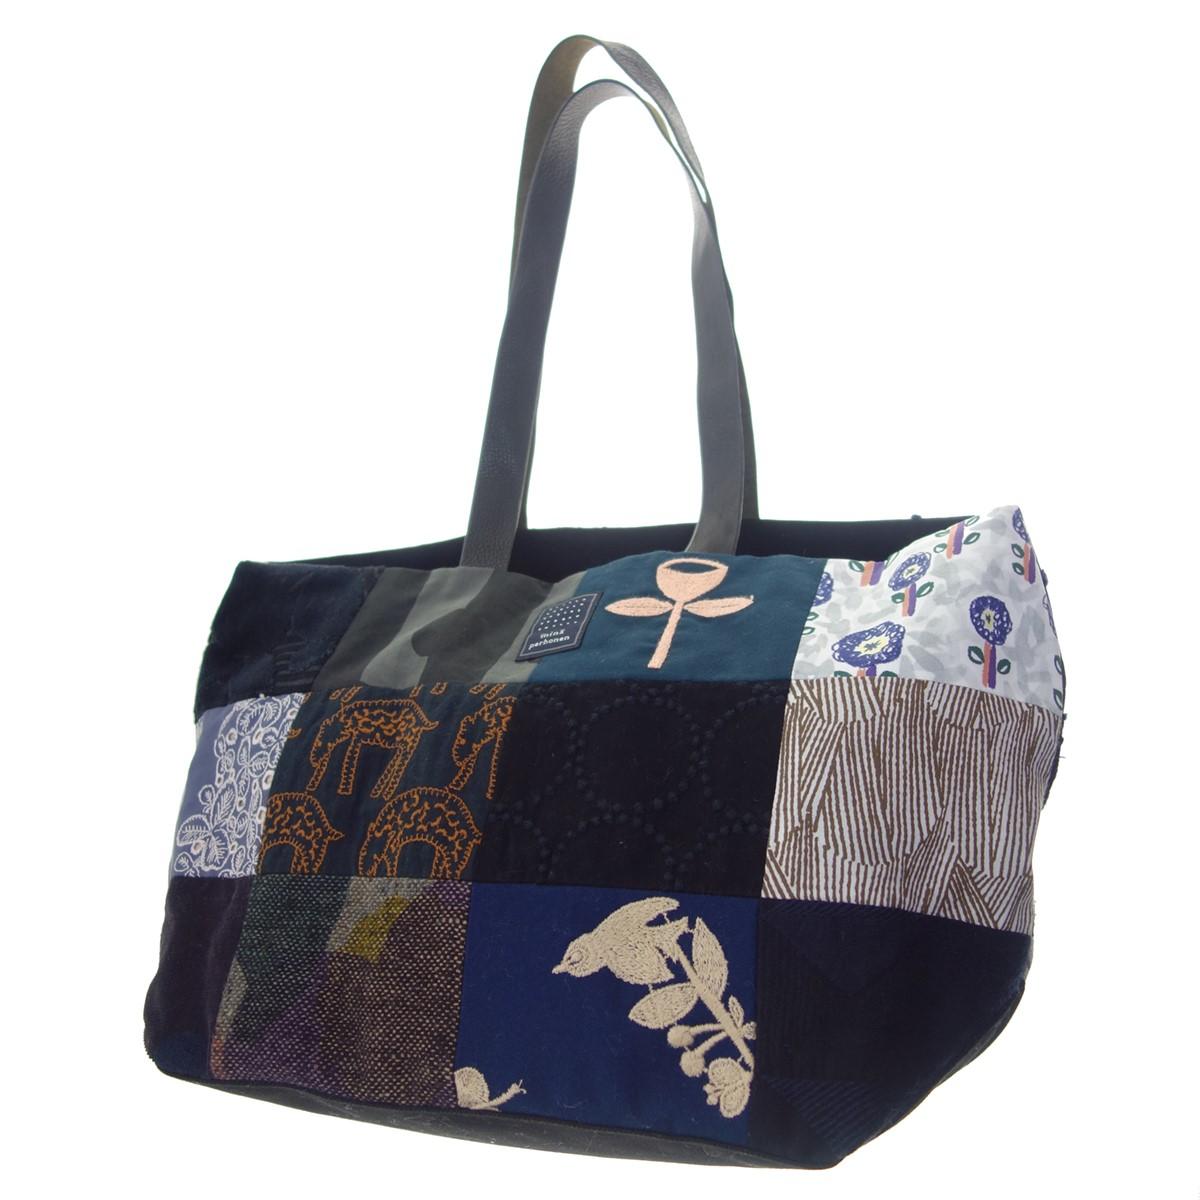 【中古】mina perhonen os9009 piece bag パッチワークトートバッグ マルチカラー 【180820】(ミナペルホネン)